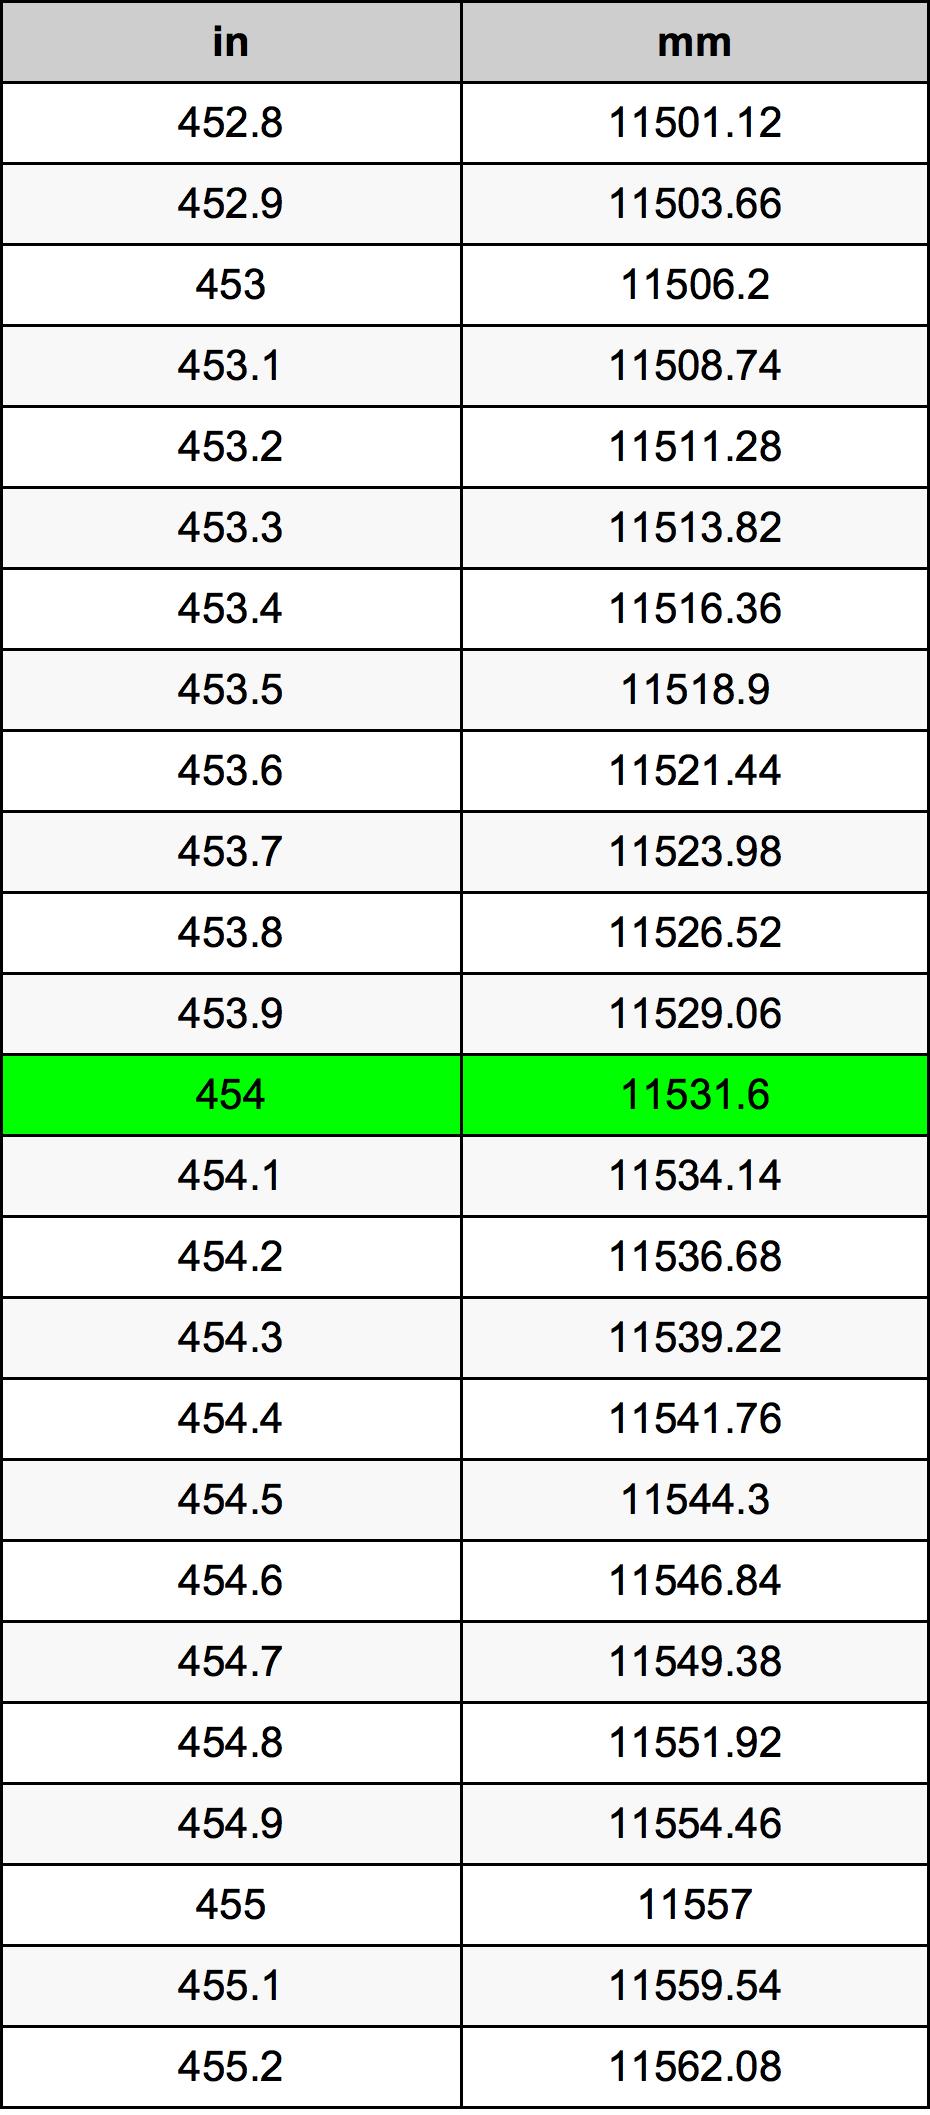 454 Pouces En Millimetres Convertisseur D Unites 454 In En Mm Convertisseur D Unites